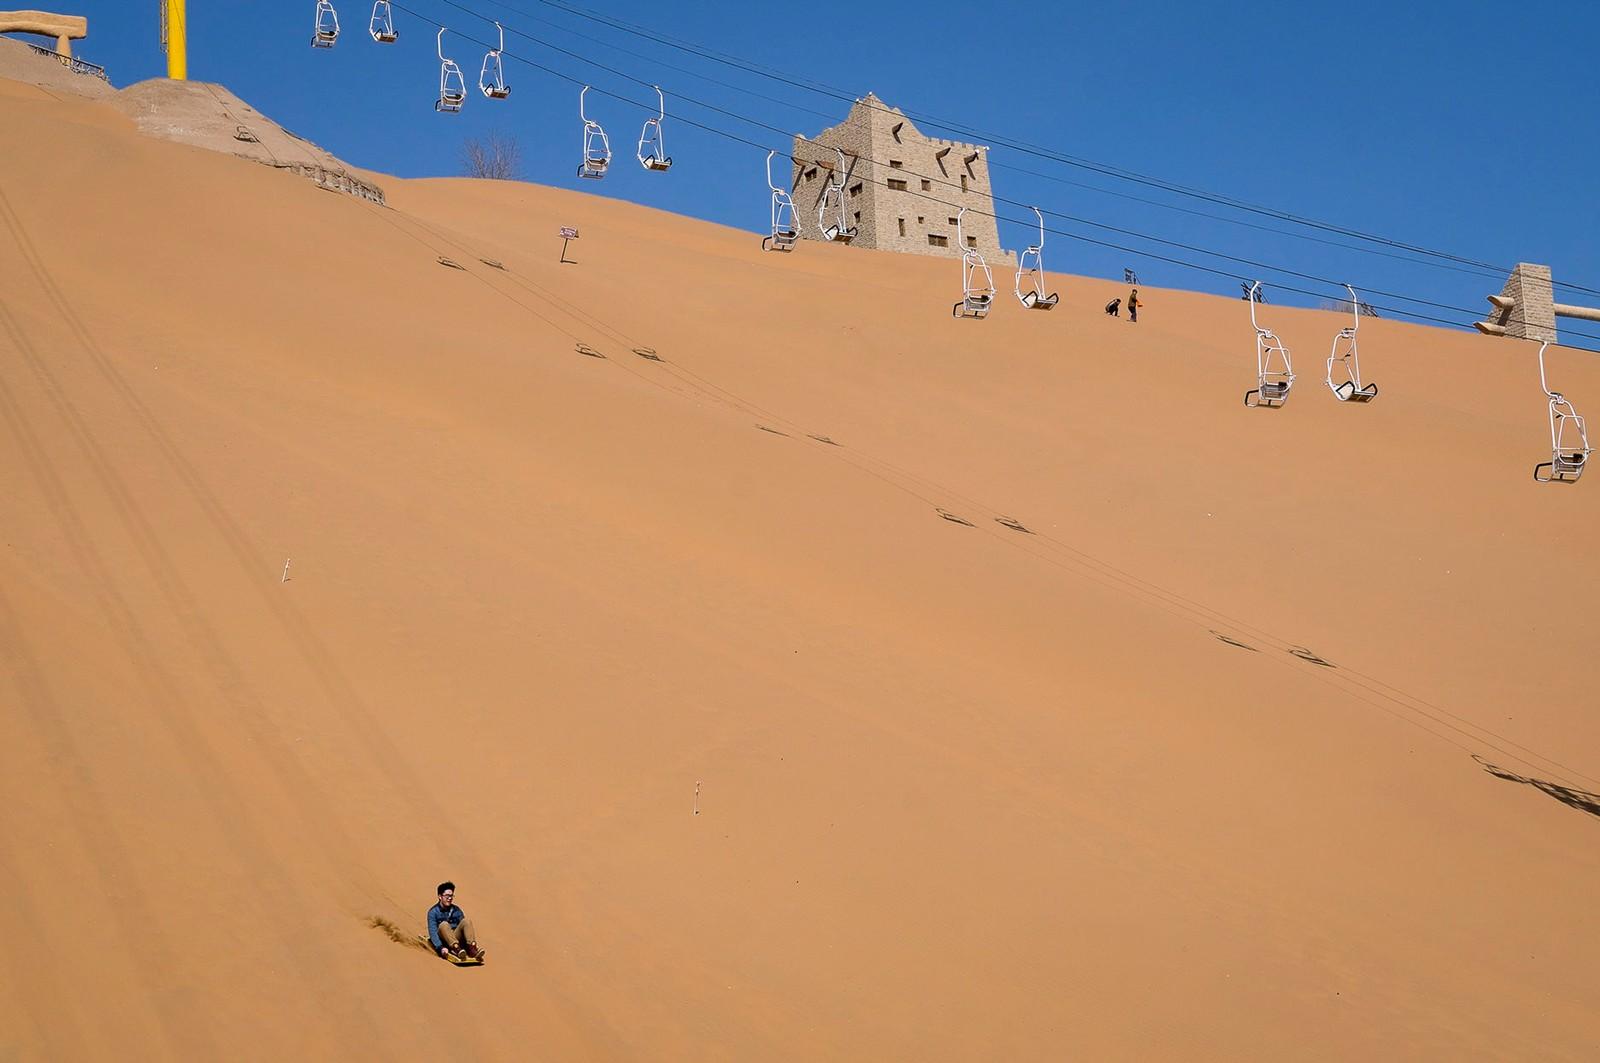 2. plass klima og miljø:  Forørkning er et av de største miljøproblemene i Kina. Rundt 20 prosent av Kinas landareal er ørken, og den spiser årlig store deler av dyrkbar jord. I byen Zhongwei i Ningxia provinsen har kinesiske myndigheter startet prosjektet The Great Green Wall of China for å hindre spredning. Samtidig har Shapotou Desert Resort blitt et populært reisemål for kinesere. Her kan de ake på sanddyner, kjøre Jeep gjennom ørkenen og ri på kameler. Juryens begrunnelse: En absurd konsekvens av klimaforandringer. Bildet har en god komposisjon, og det er noe umiddelbart over det.